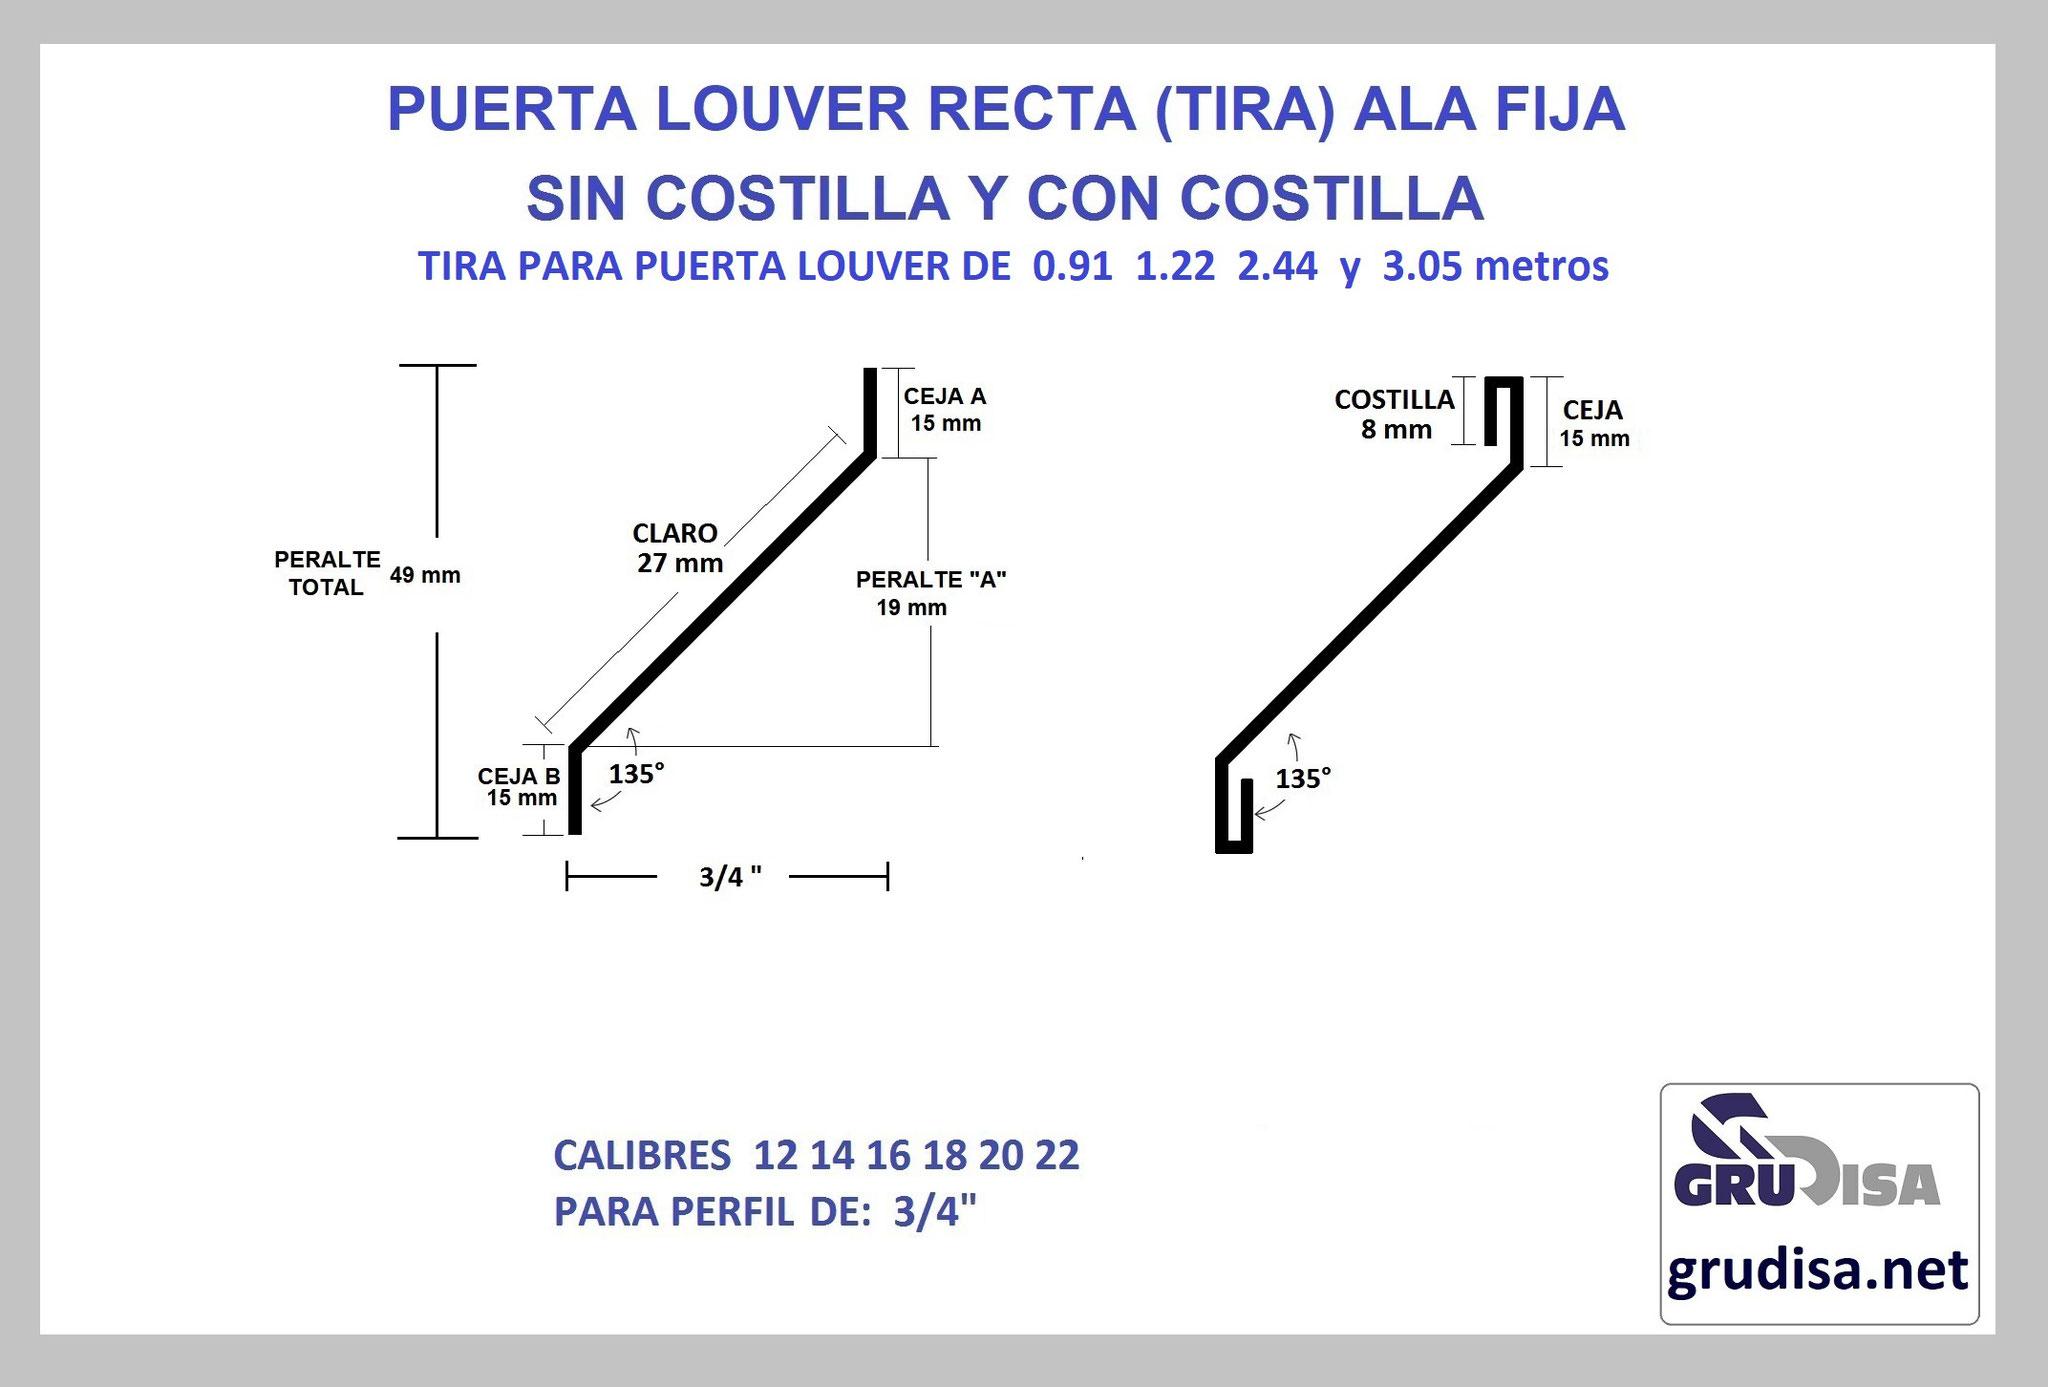 """PUERTA LOUVER (TIRA) MODELO RECTA PARA ARMAR EN PERFIL DE 3/4"""""""